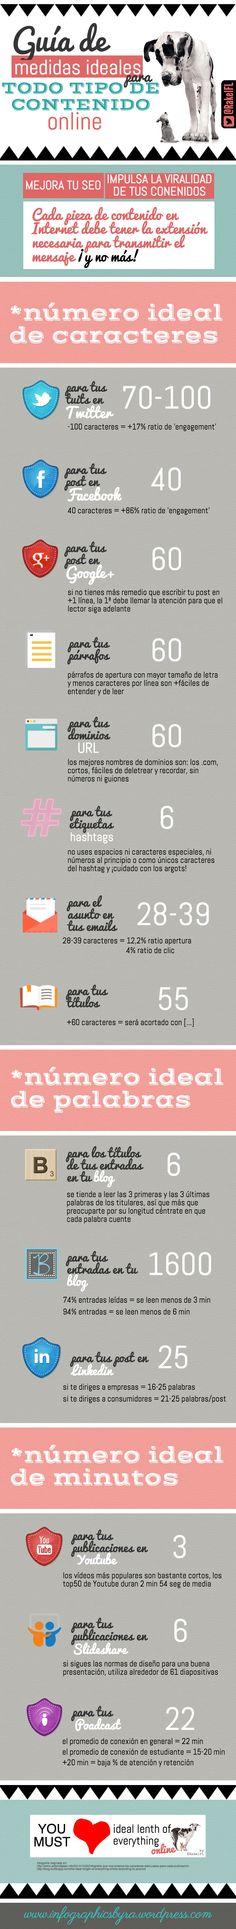 #Infografia #CommunityManager Medidas ideales para publicar contenidos. #TAVnews